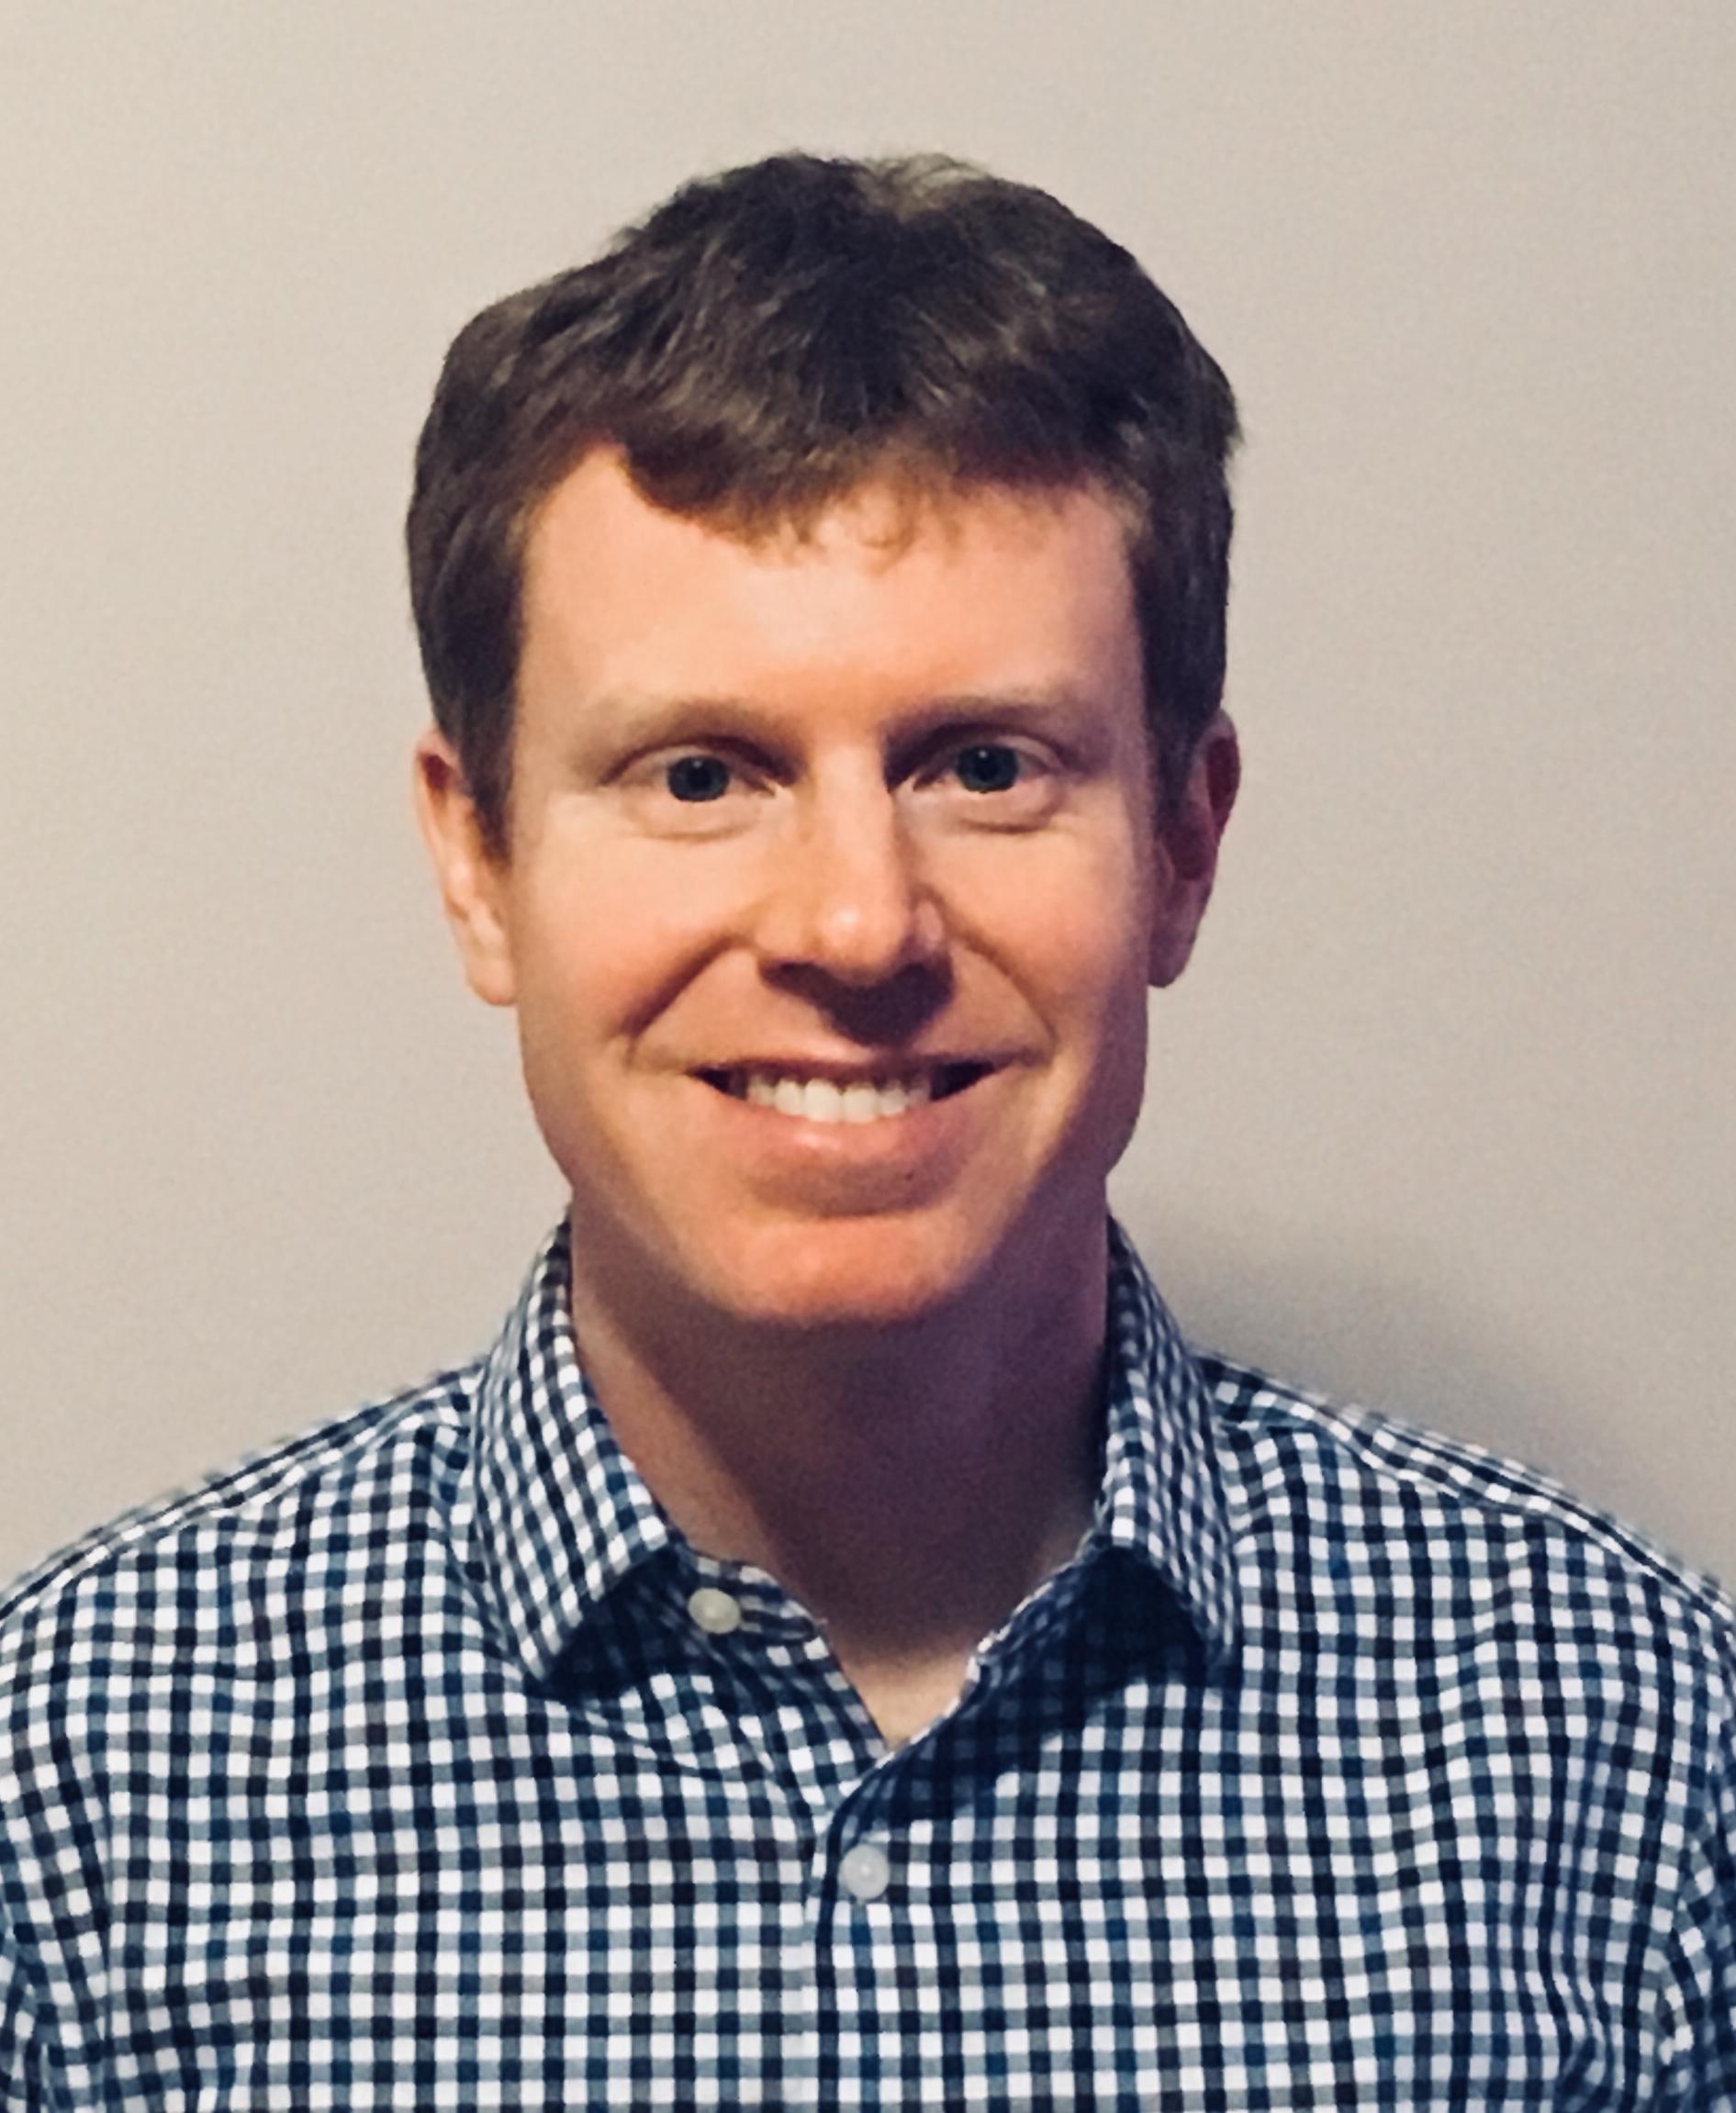 Jared Markowitz